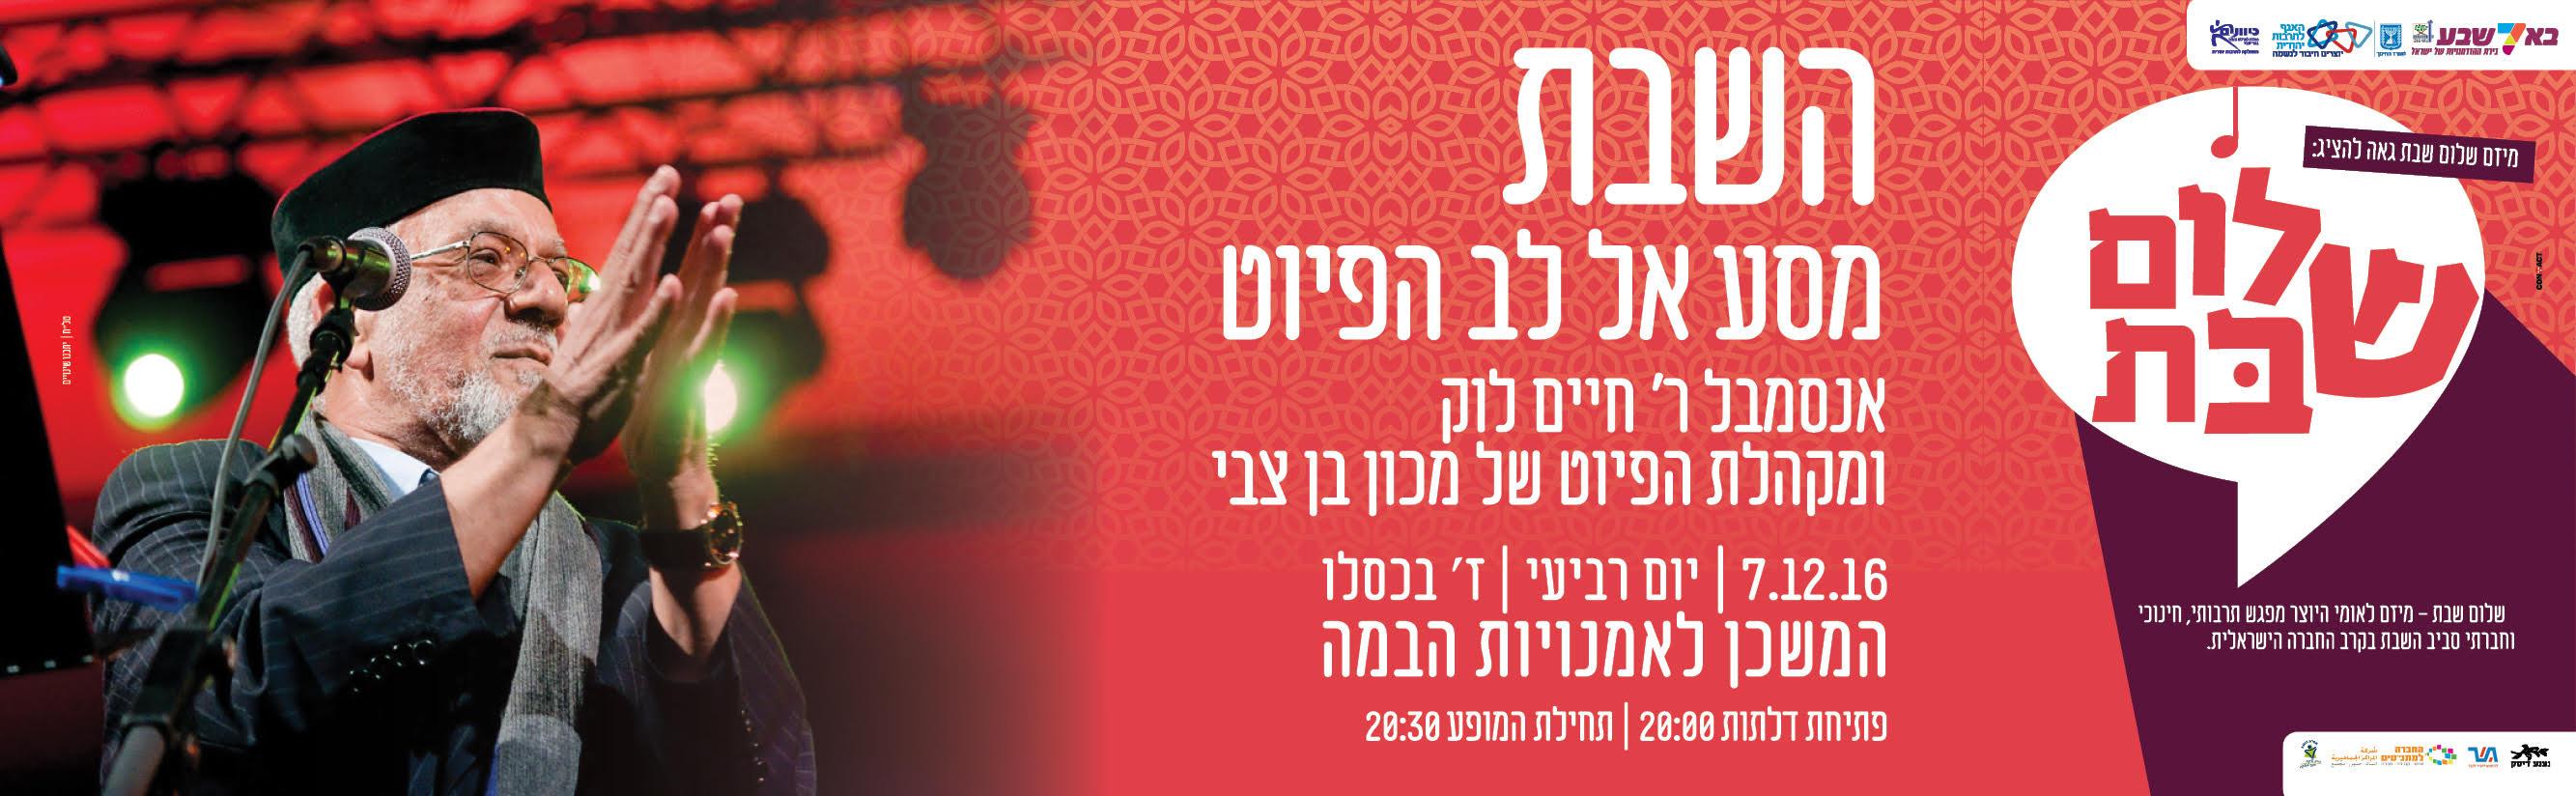 מפגש תרבותי סביב השבת בהשתתפות אנסמבל ר' חיים לוק ומקהלת הפיוט של מכון בן צבי